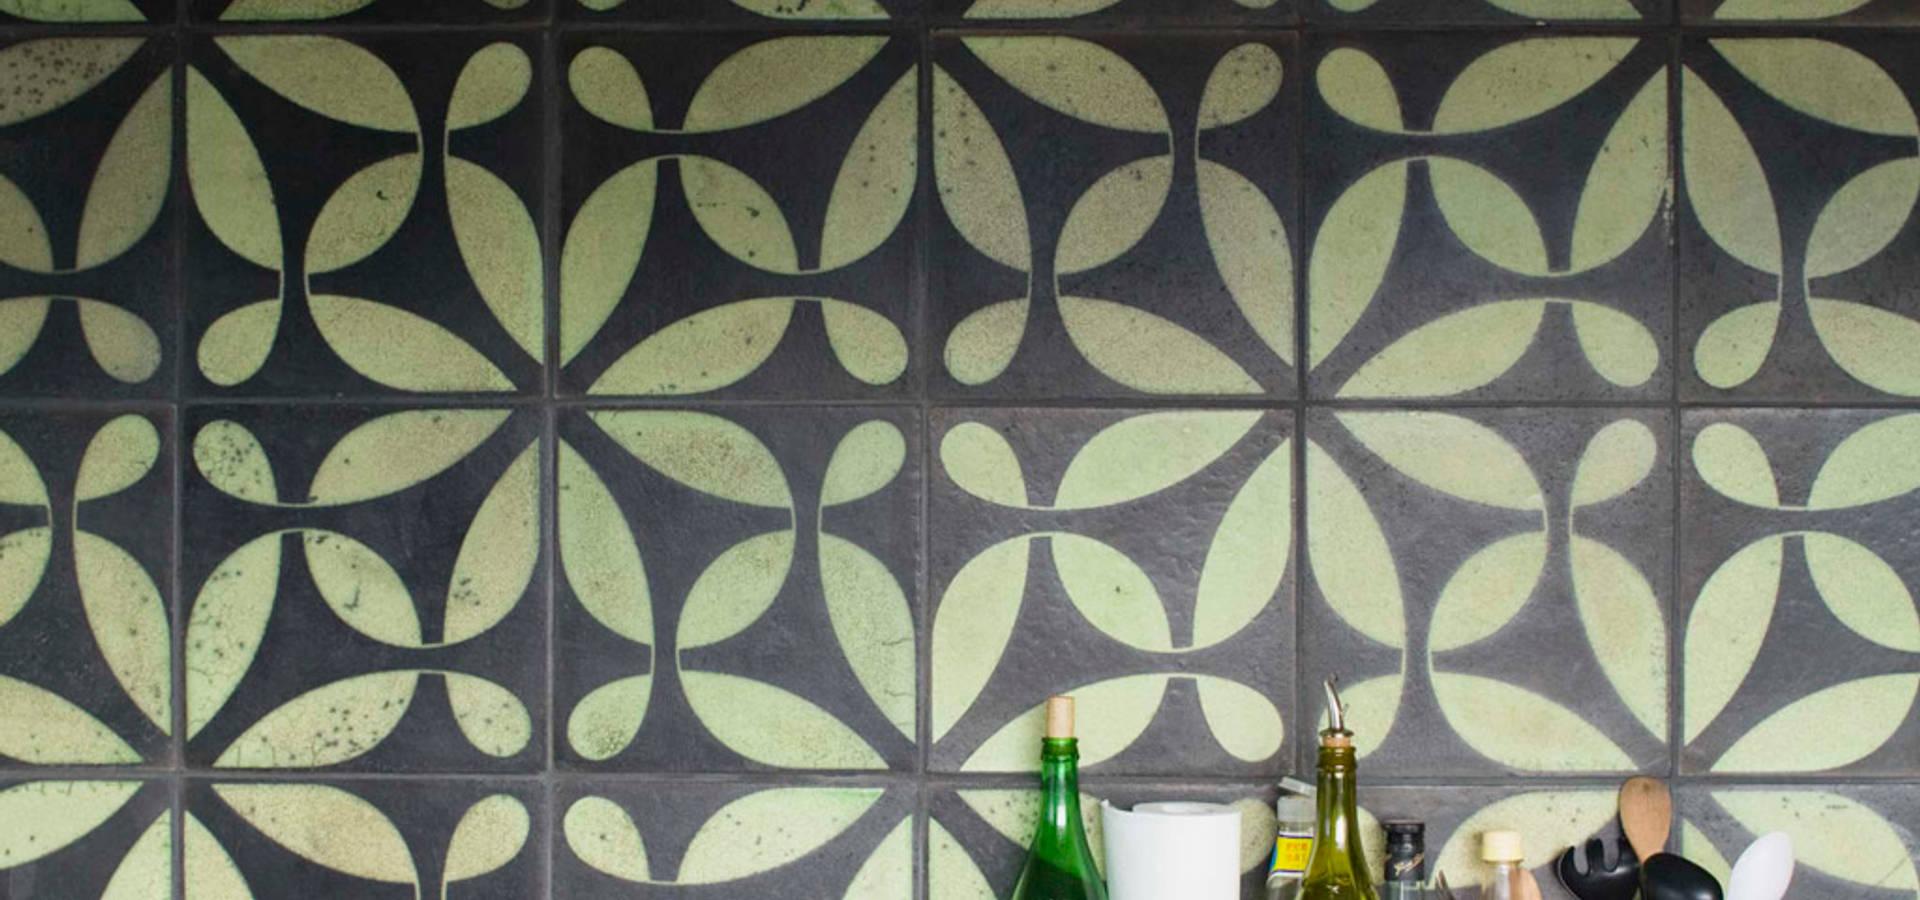 Karak gebrannte zeichen azulejos baldosas y lajas en for Azulejos y saneamientos mg